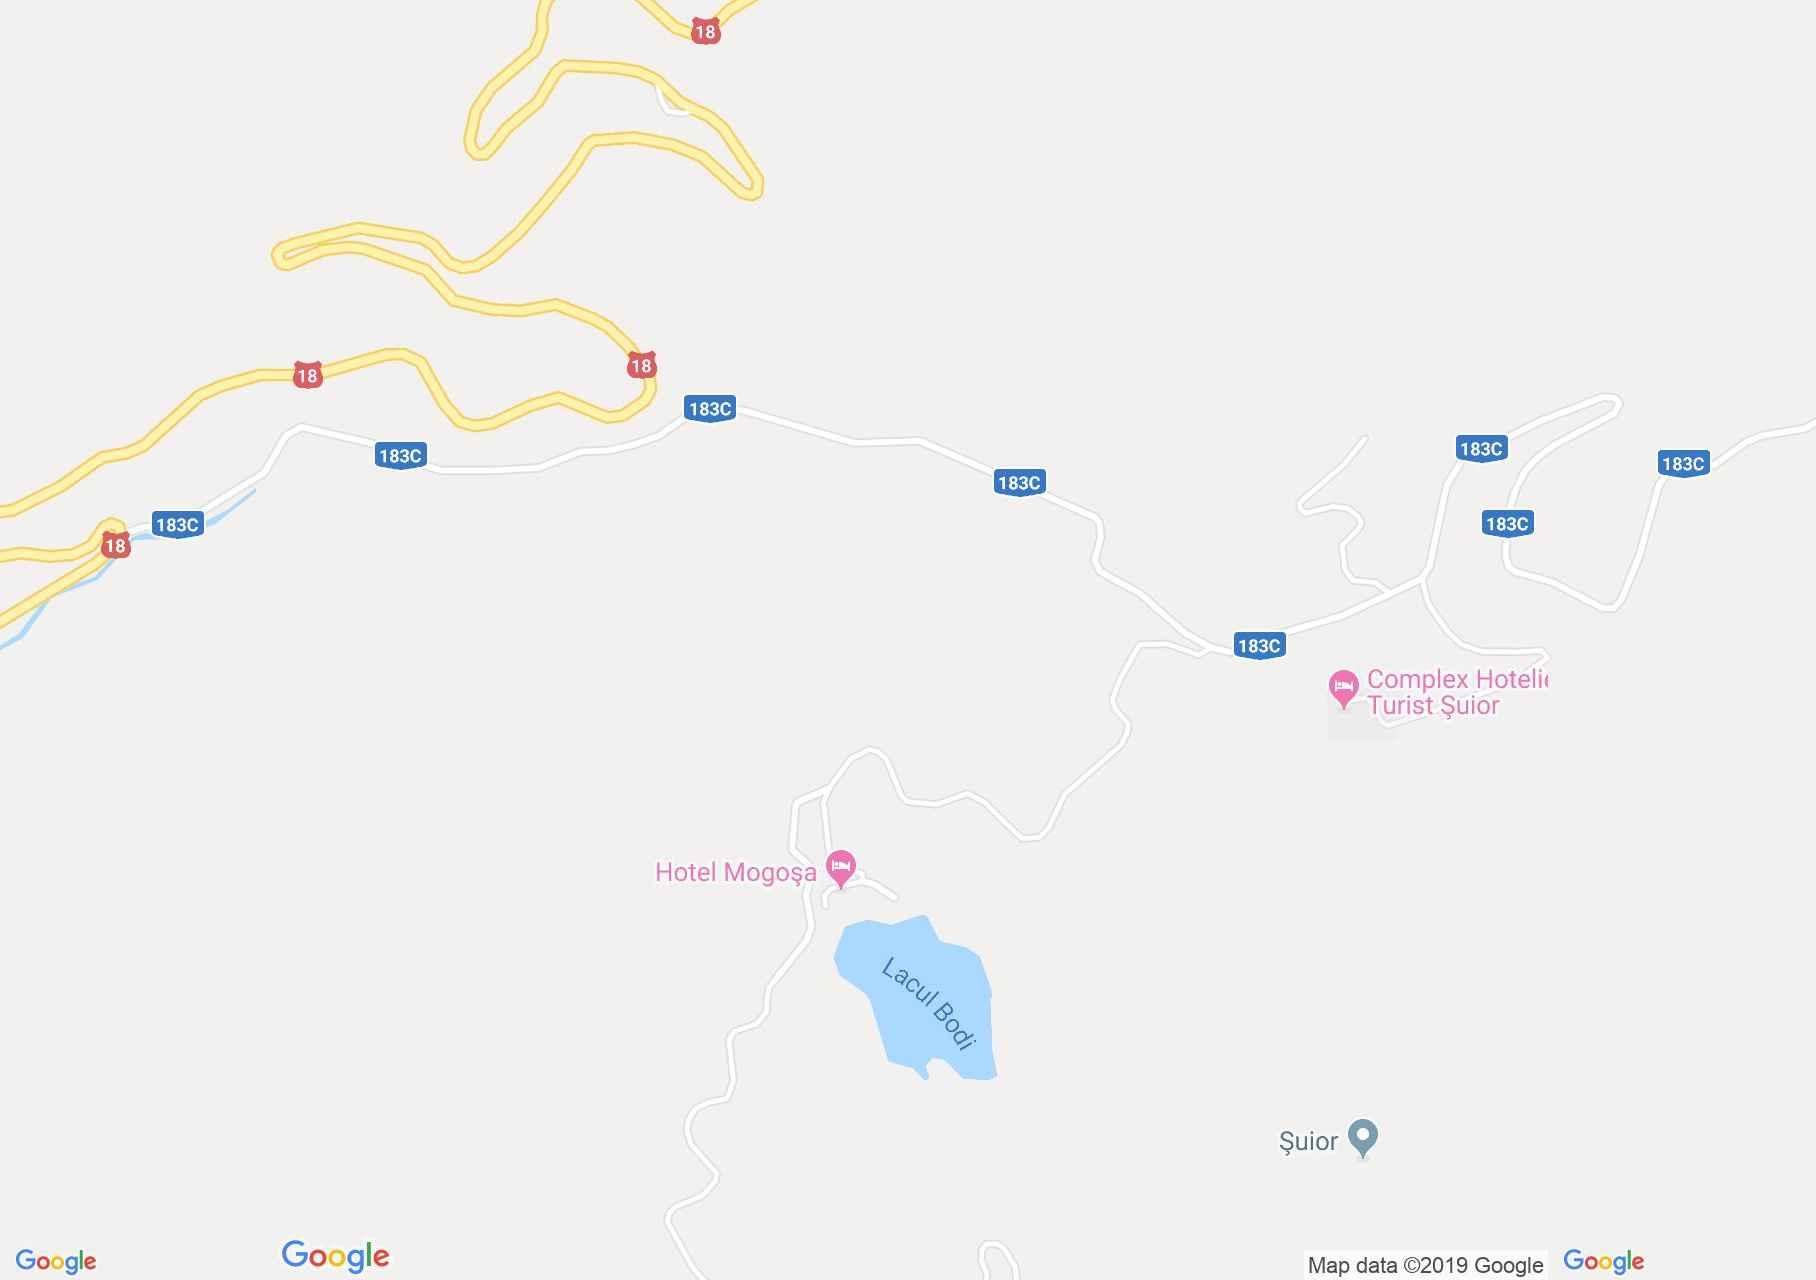 Hartă DN18: Lacul Bodi Mogosa